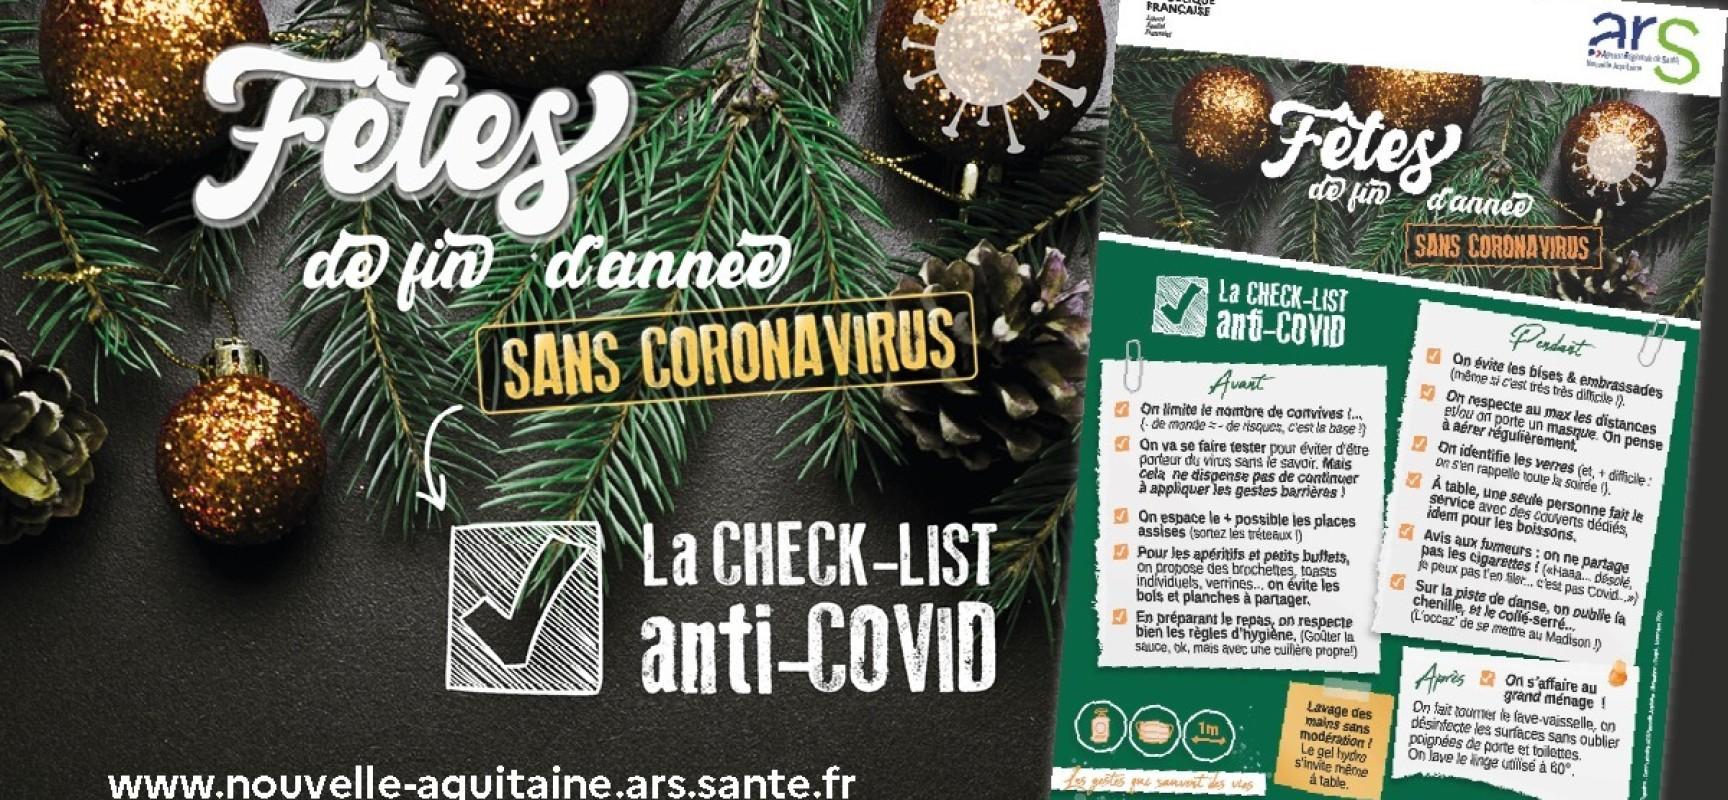 [Covid19] Check-lists conseils pour des fêtes sans COVID